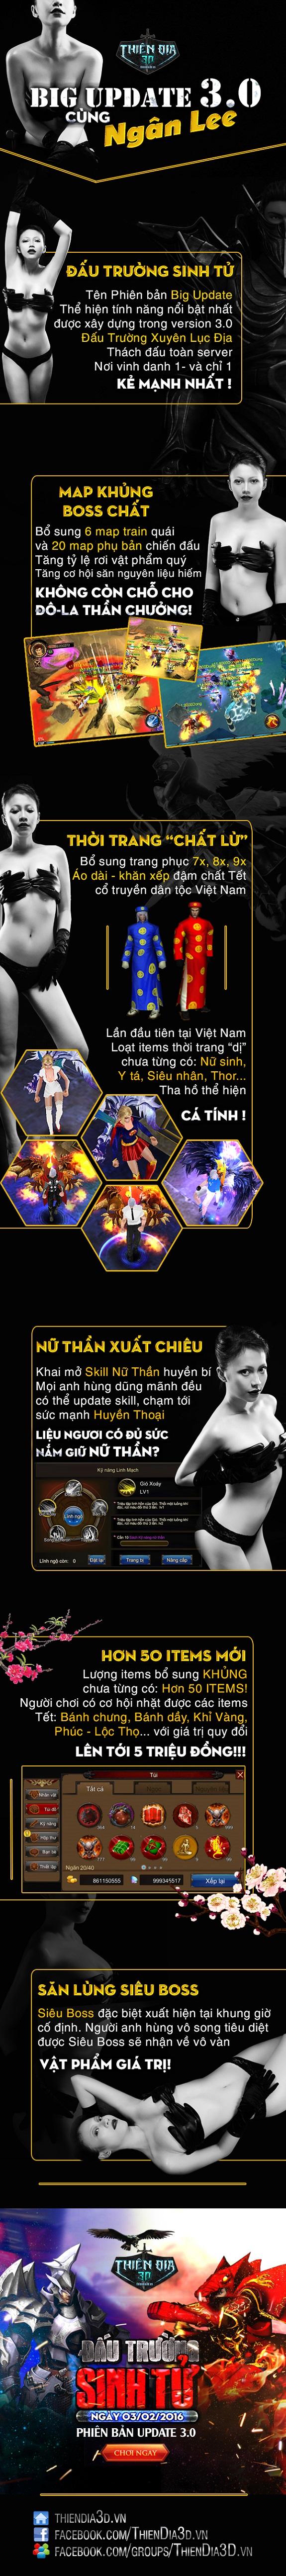 Ngắm Admin Thiên Địa 3D hóa Lady Gaga giới thiệu Big Update 1